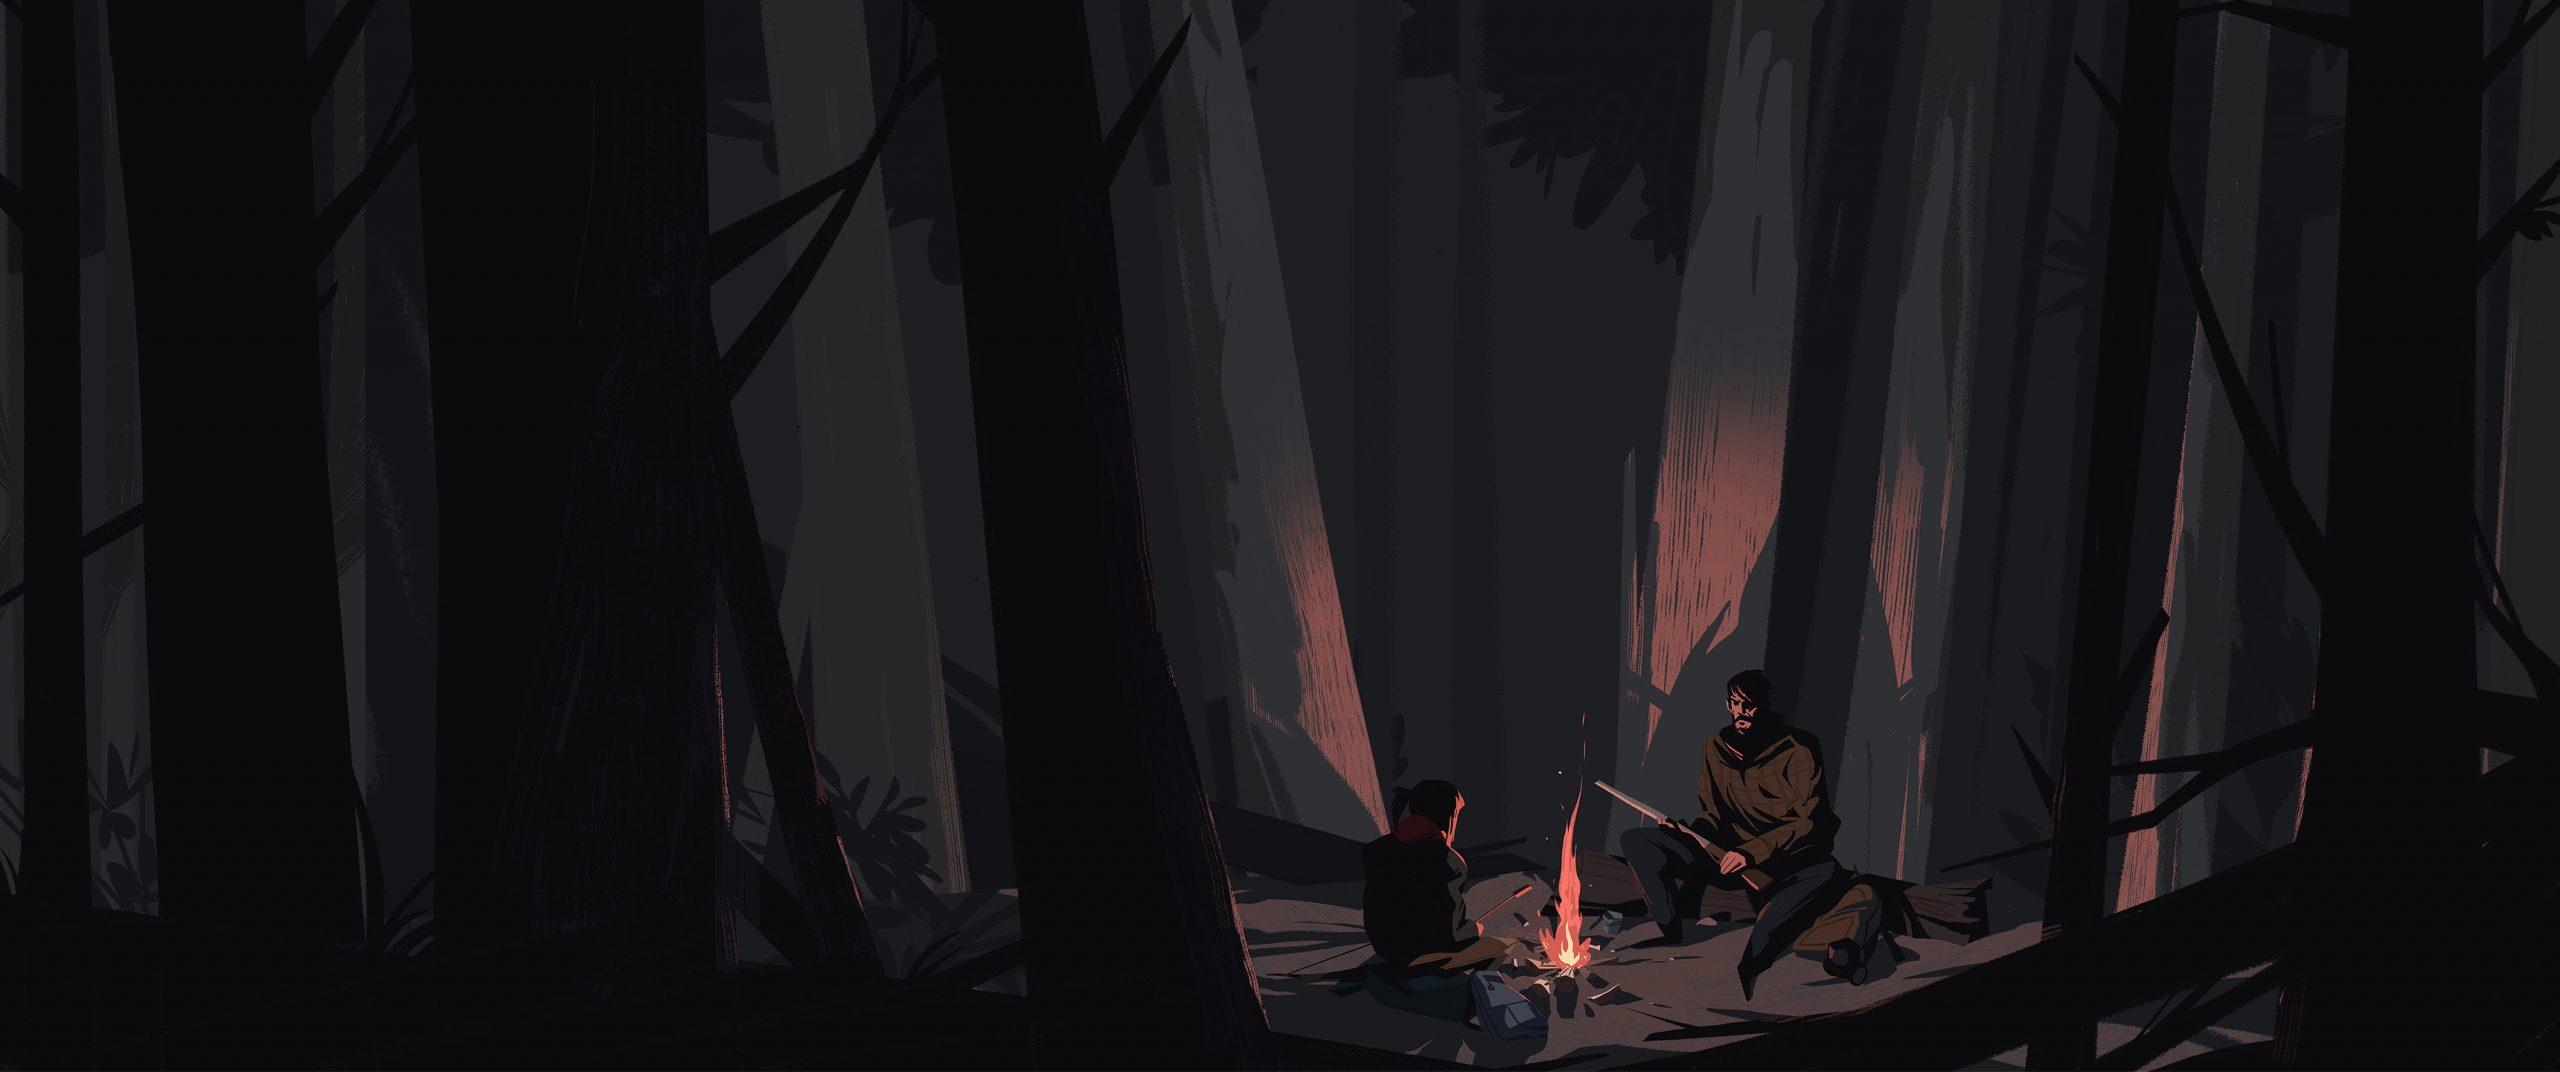 Арт: кадры из отменённого мультфильма повидеоигре The Last ofUs 2